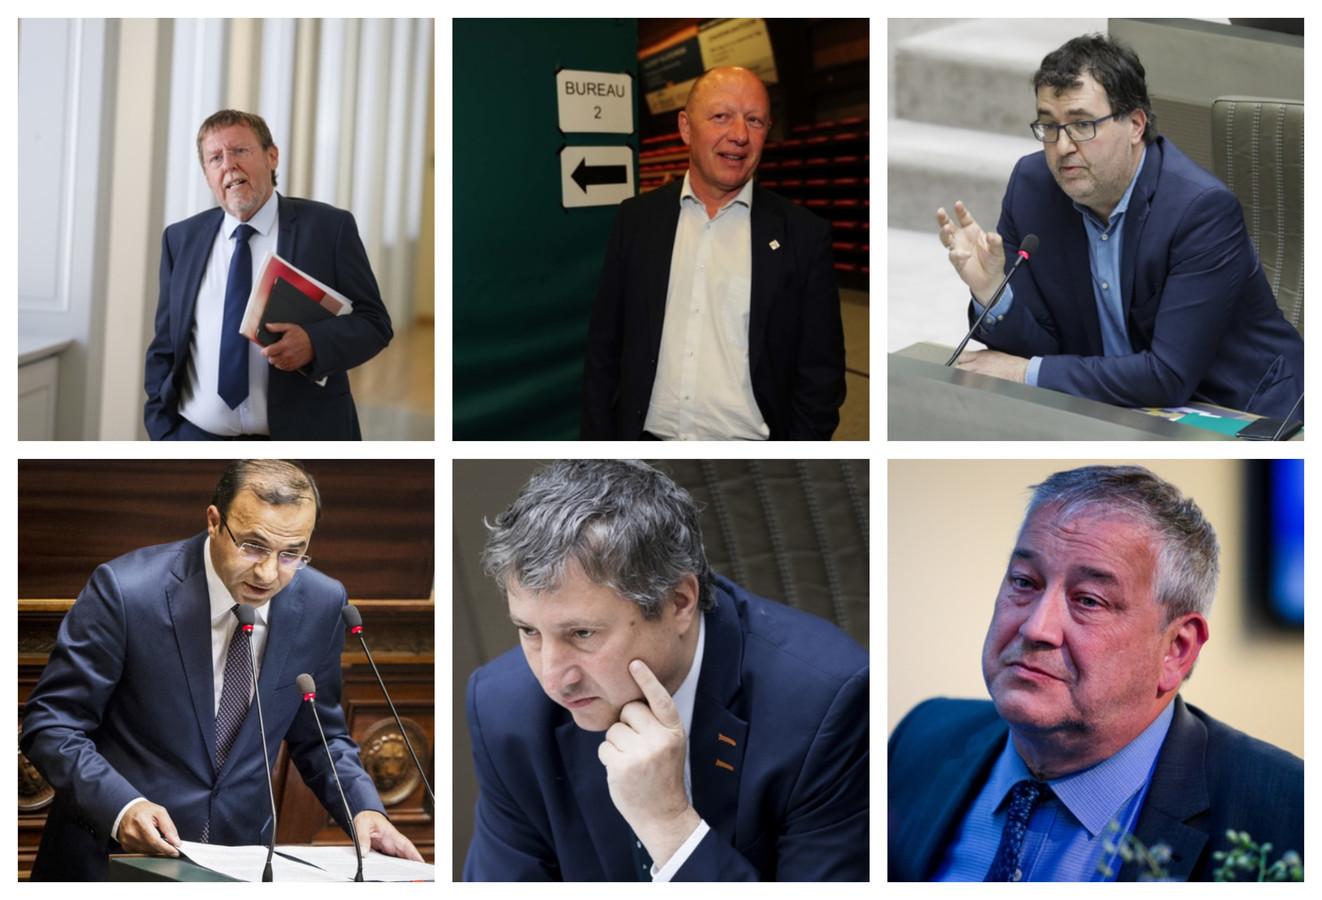 Uittredend kamervoorzitter Siegfried Bracke (N-VA), Vilvoords burgemeester Hans Bonte, Wouter Van Besien (Groen), Veli Yüksel (Open Vld, ex-CD&V), Ludo Van Campenhout (N-VA) en Luk Van Biesen (Open Vld)